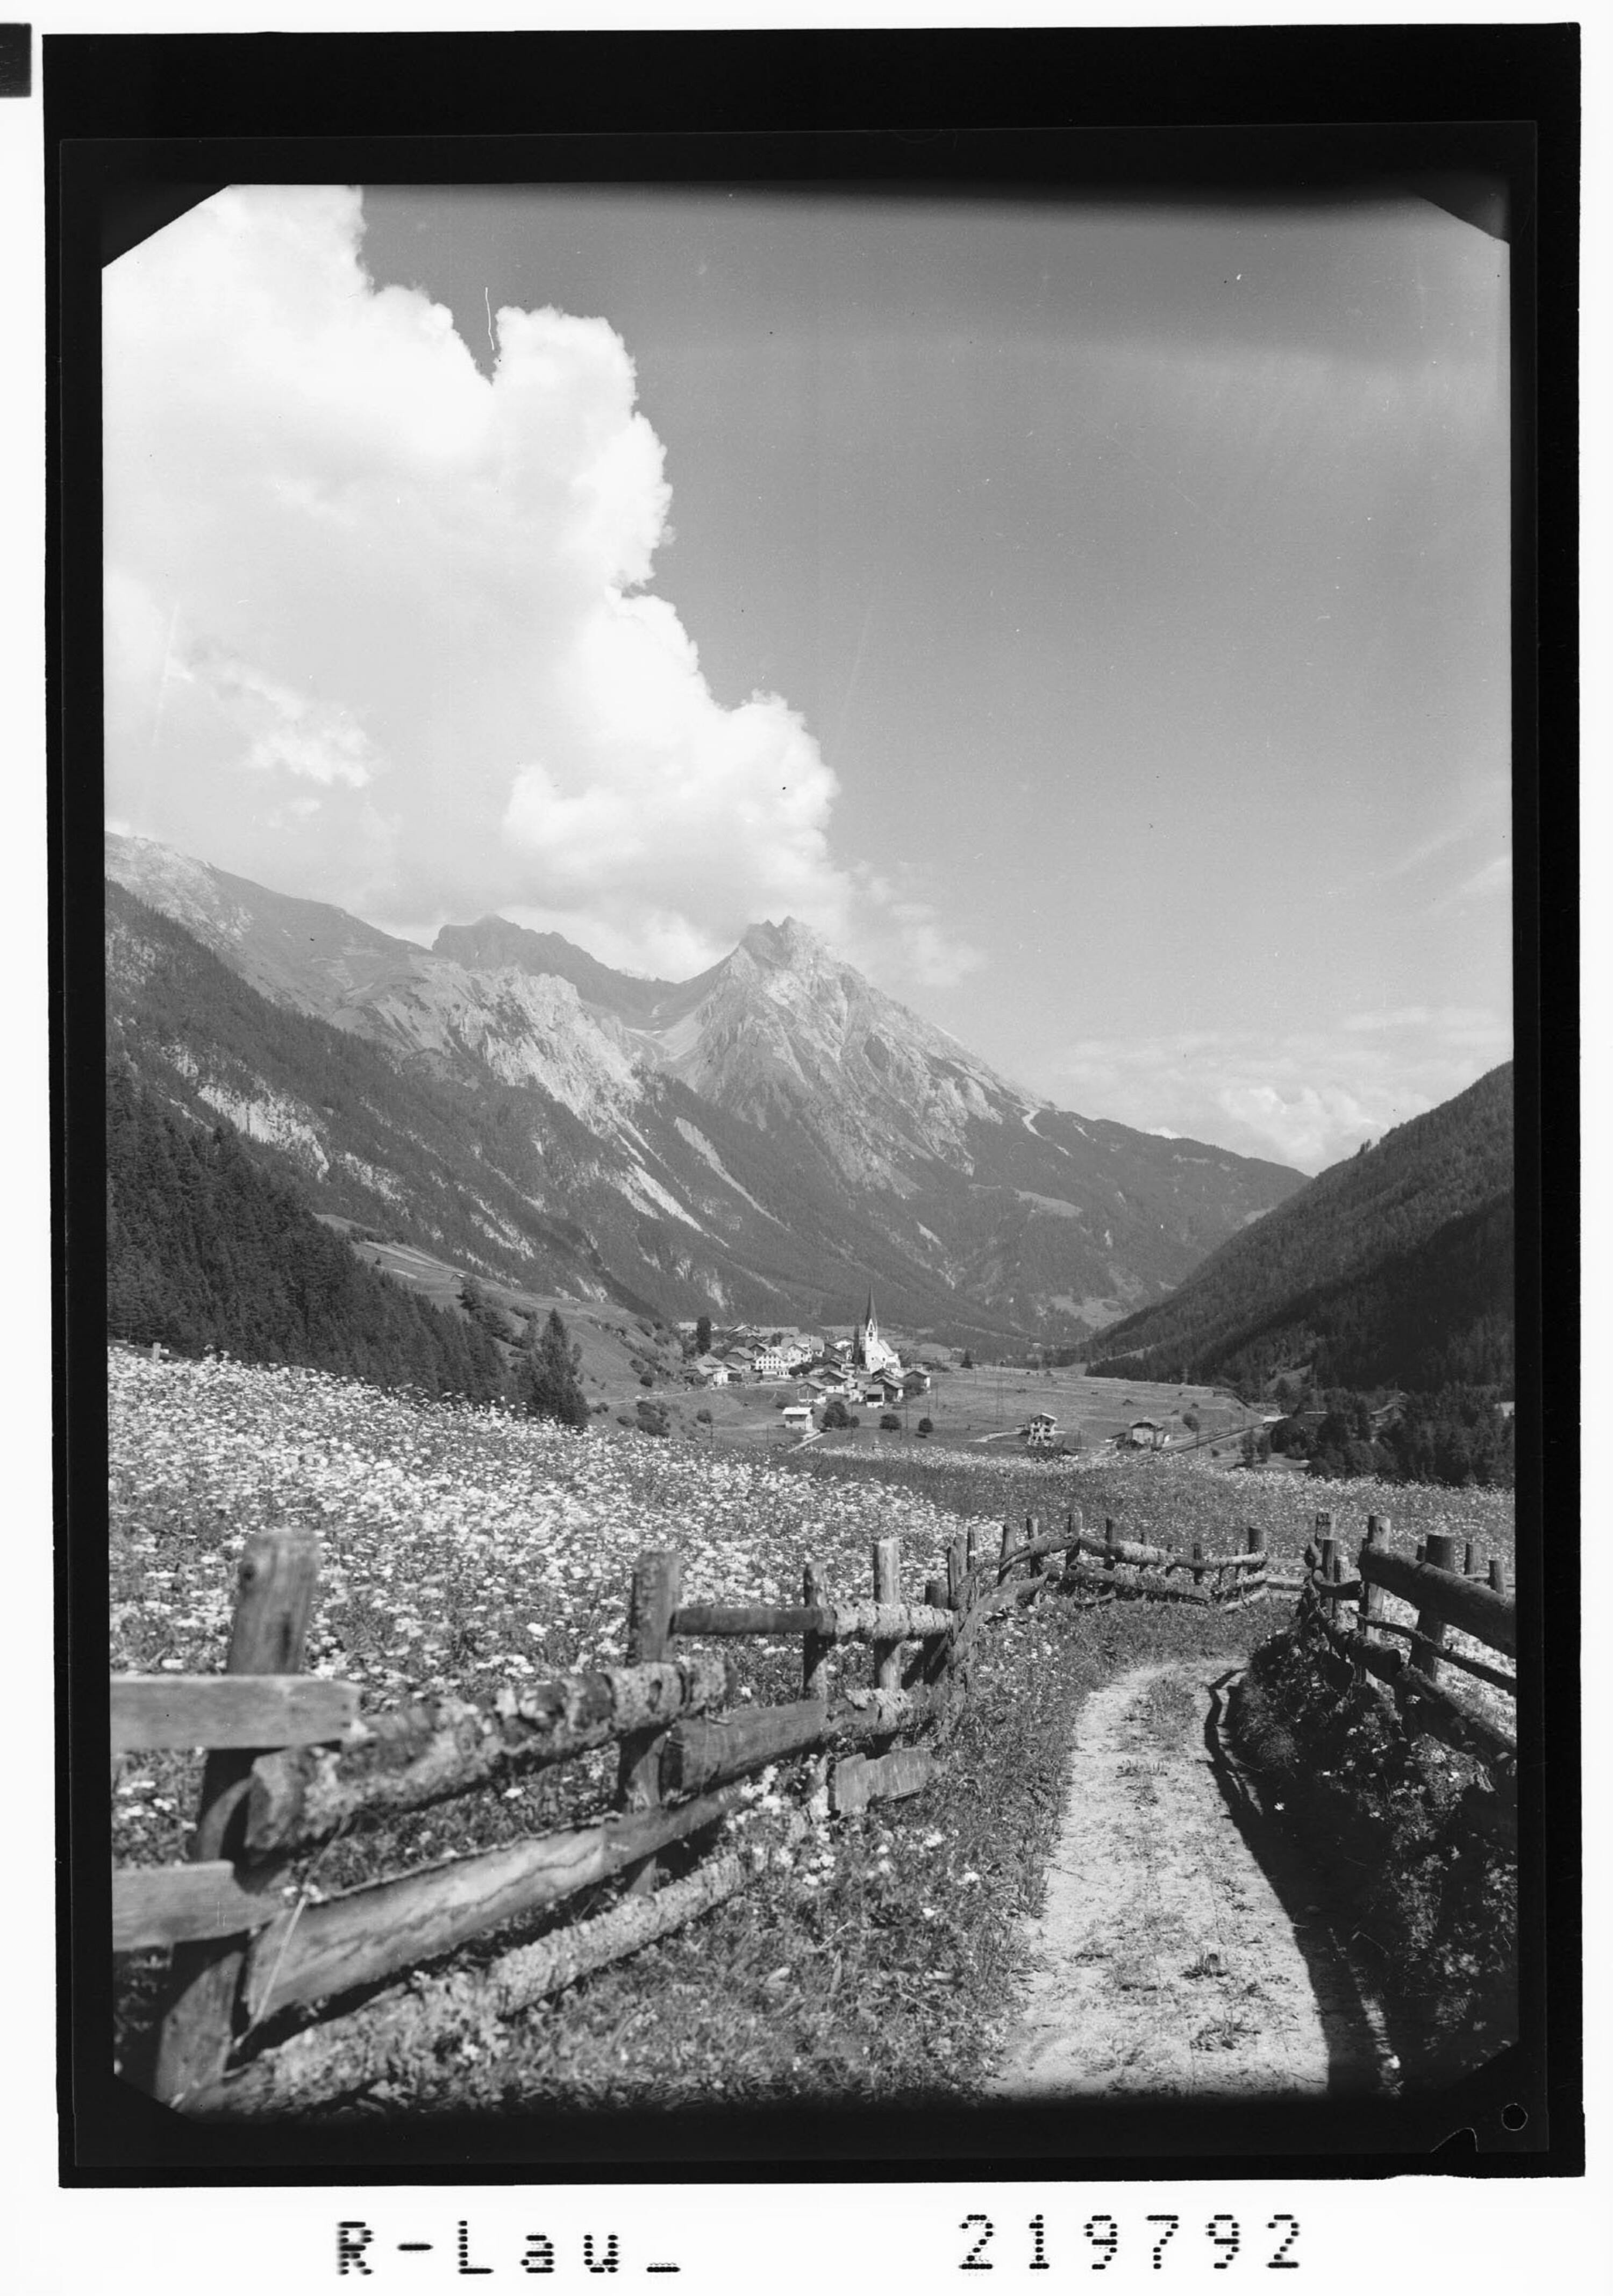 Pettneu im Stanzertal gegen Eisenspitze / Tirol von Risch-Lau